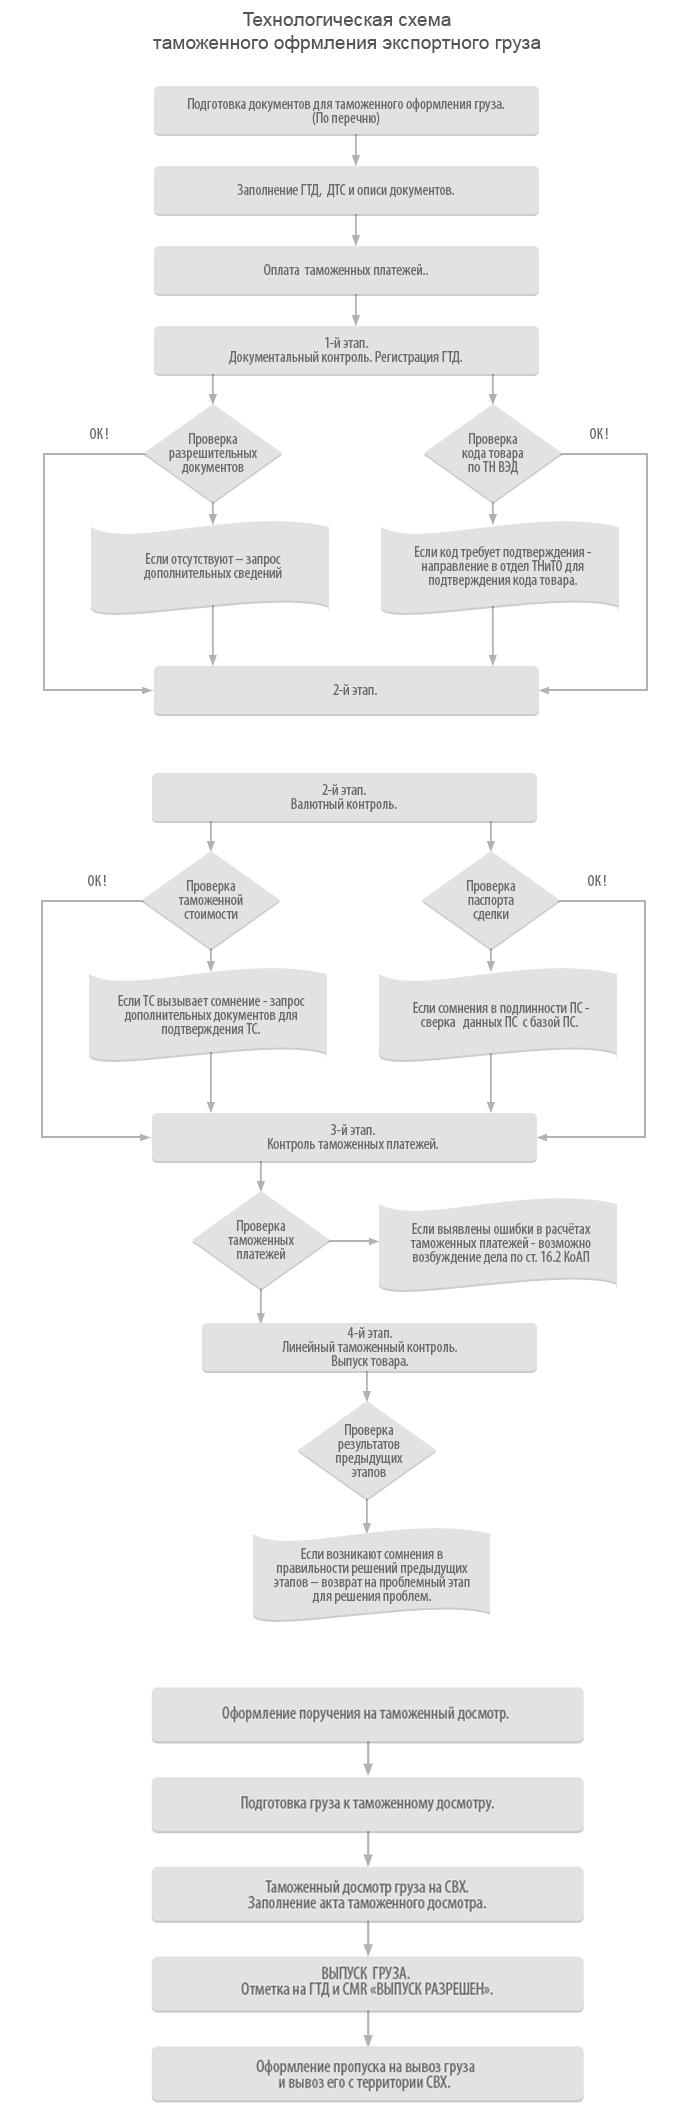 Технологическая схема таможенного оформления и таможенного контроля